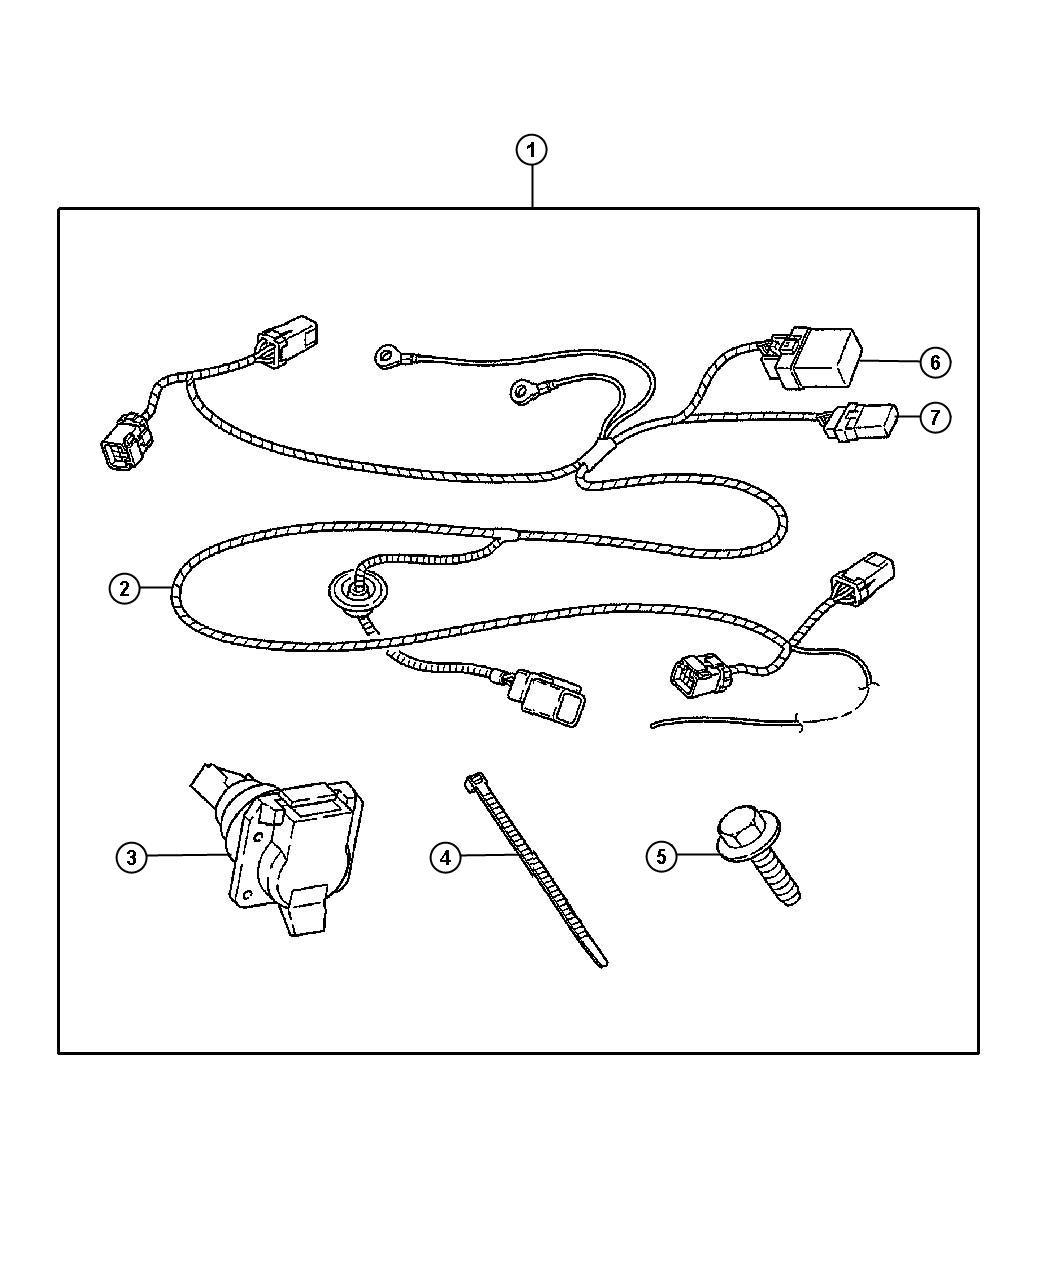 82208107ac - wiring kit  trailer tow